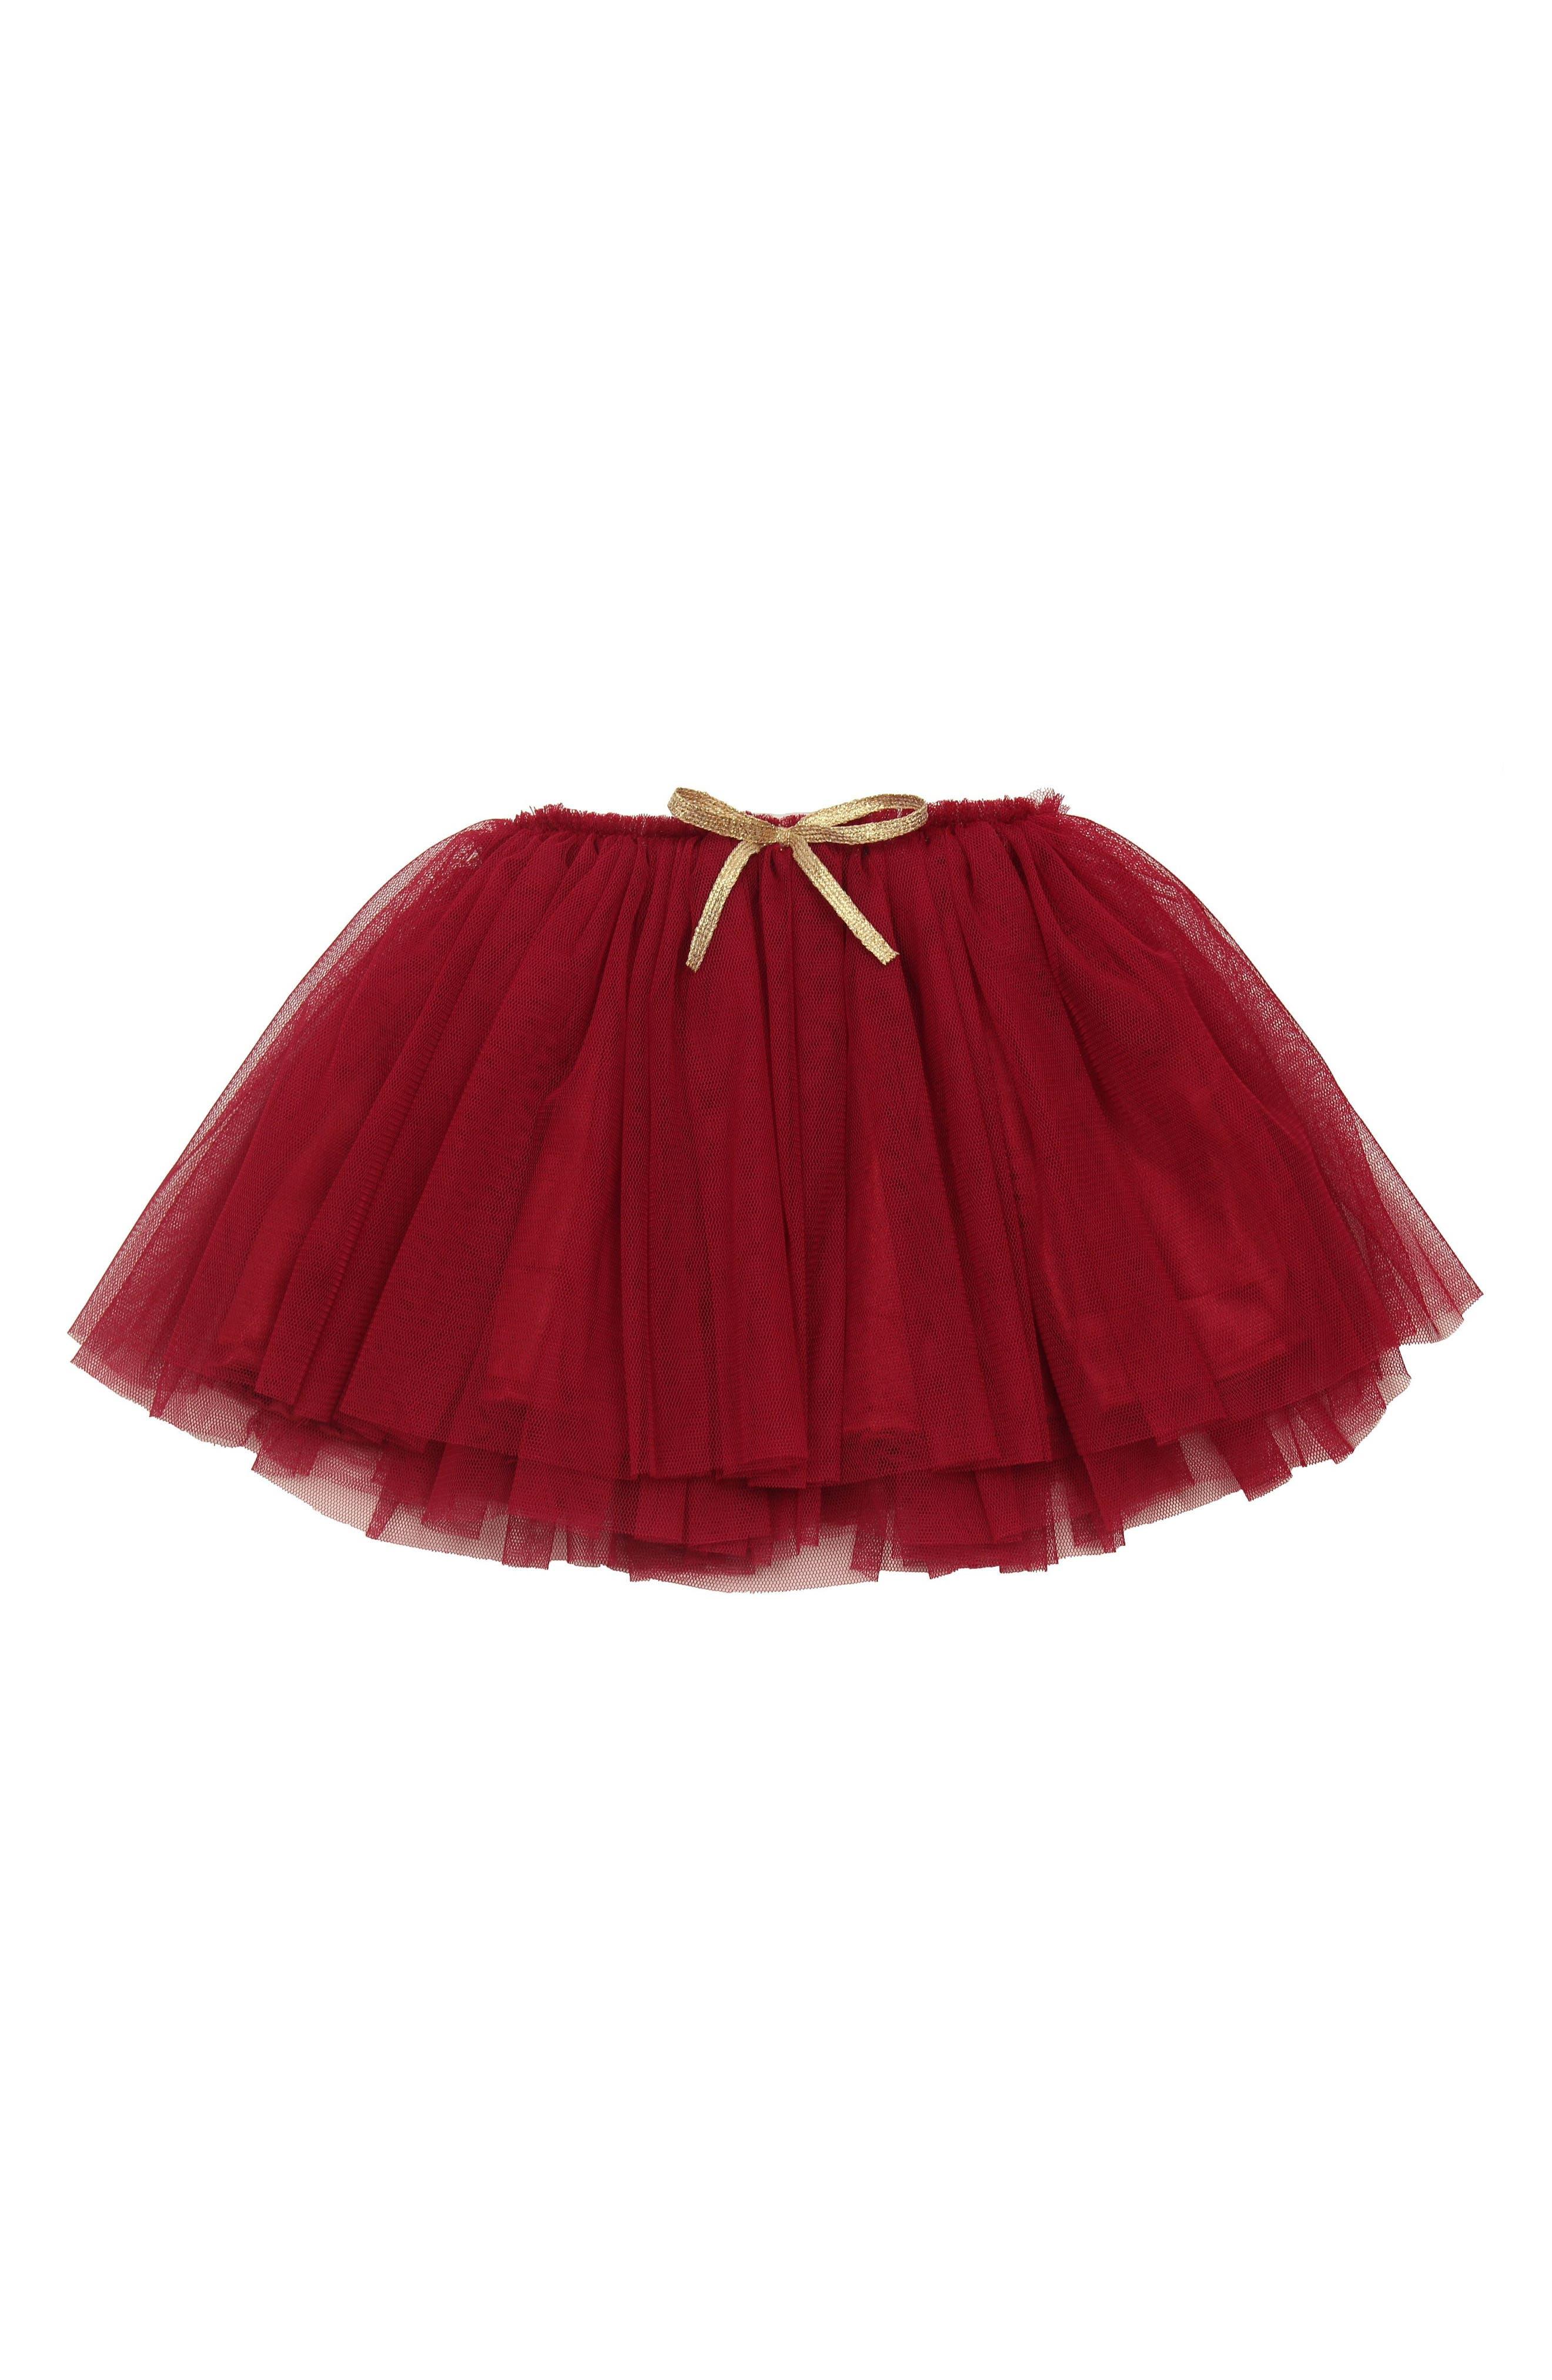 Tutu Skirt,                             Alternate thumbnail 3, color,                             BURGUNDY